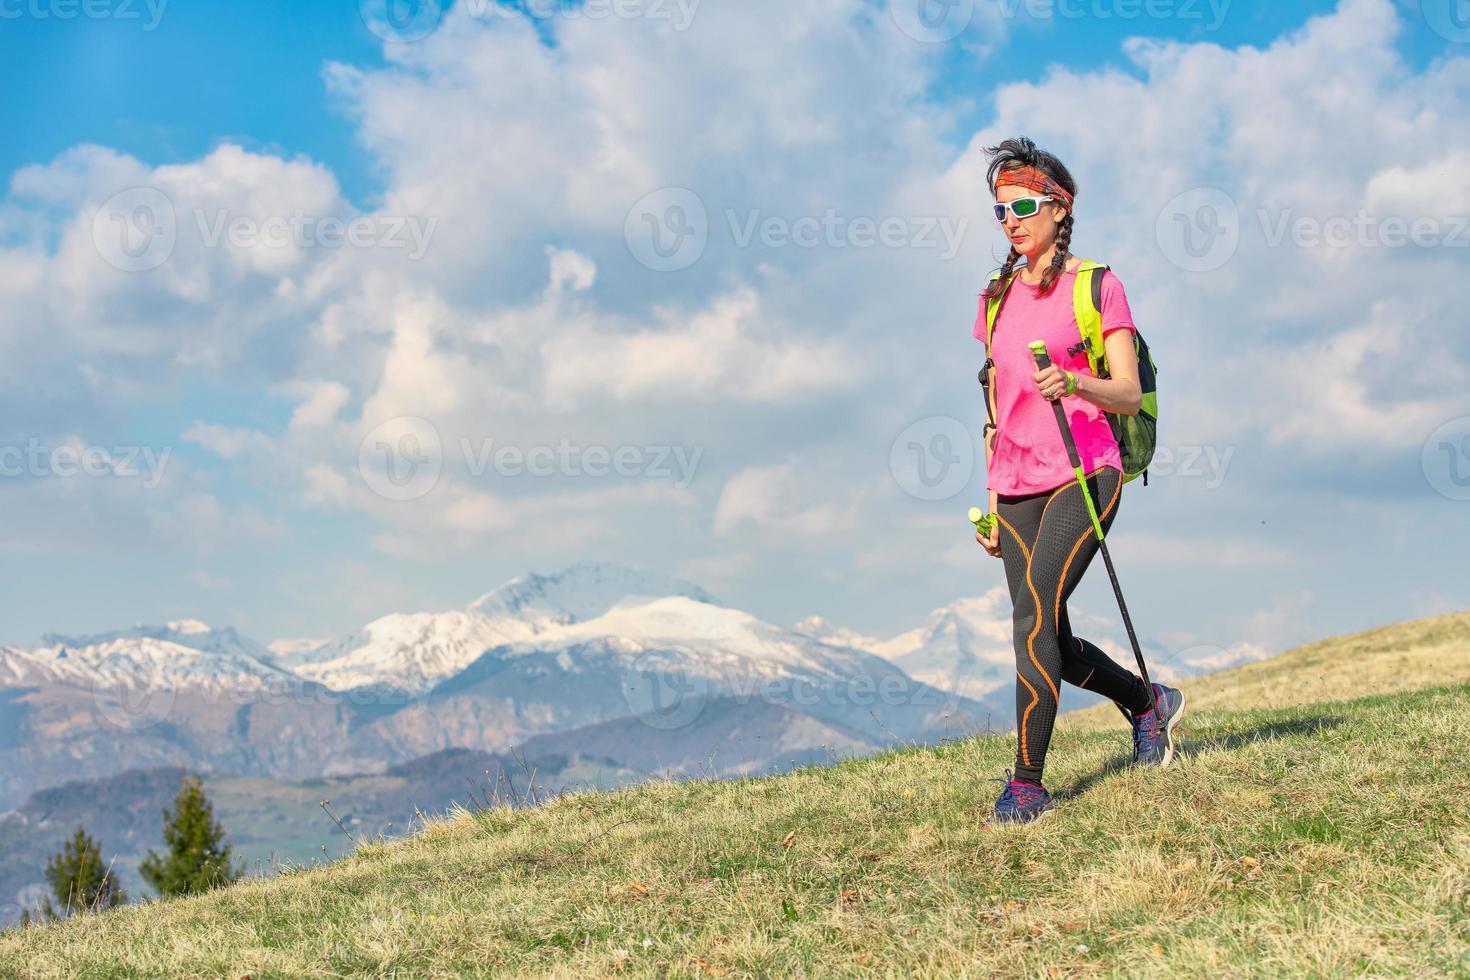 wandelen op de lente bergweiden met besneeuwde bergen op de achtergrond foto